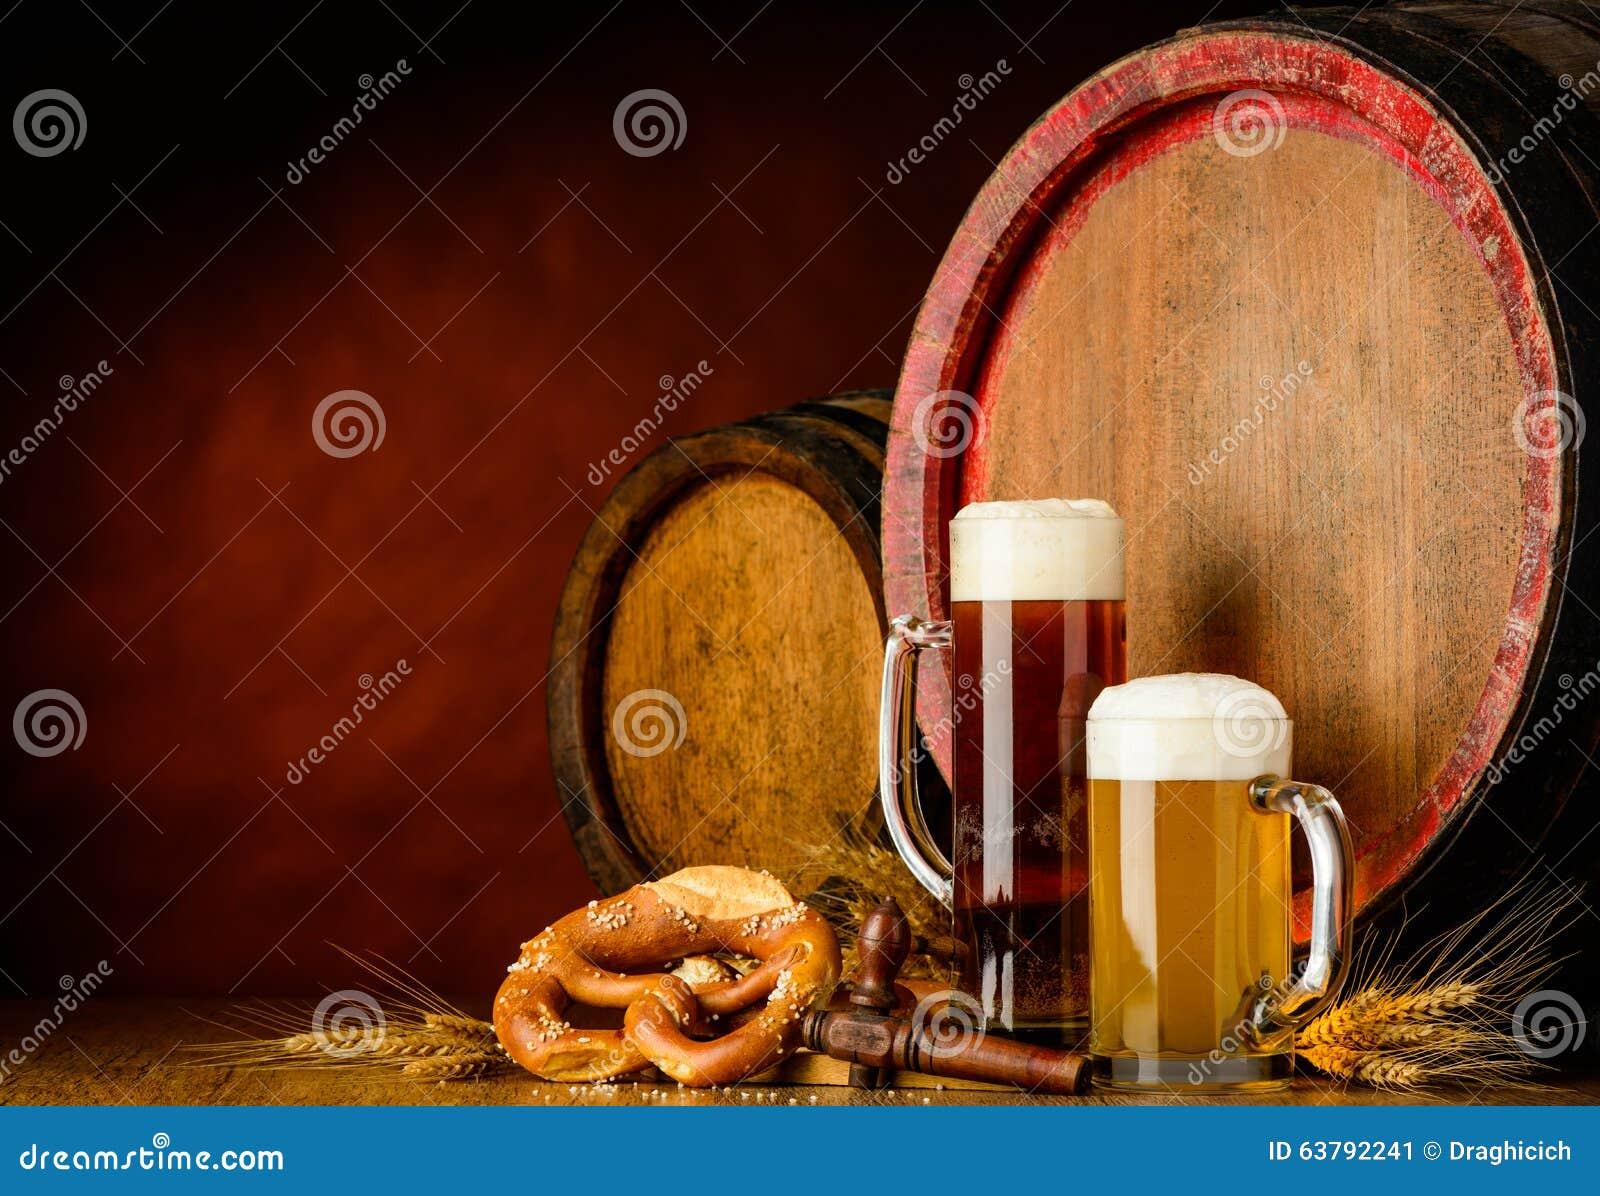 Dark and golden beer